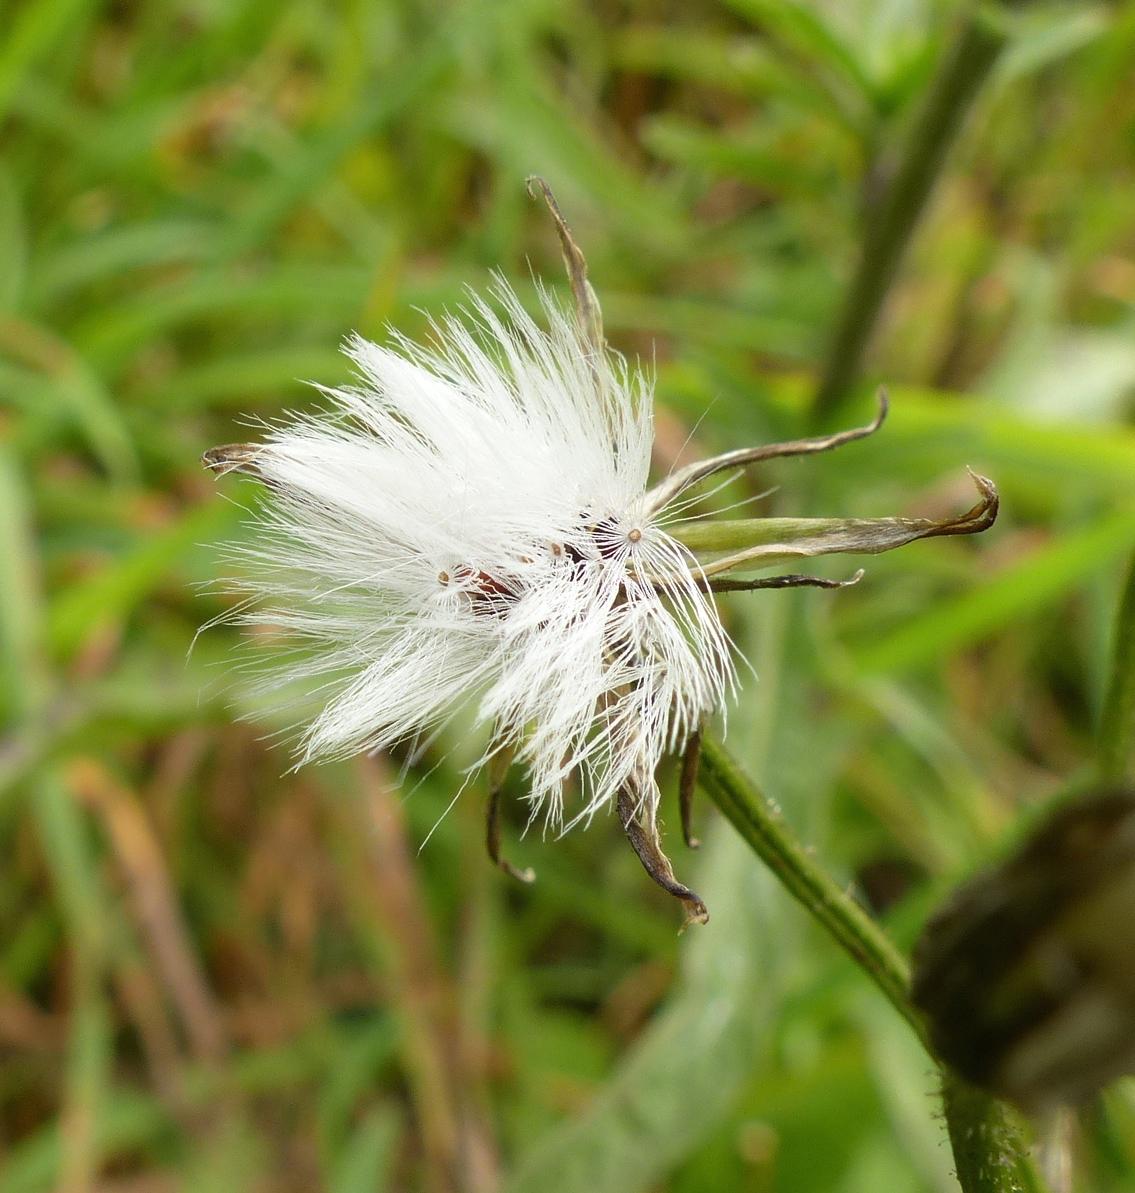 P1240714 Crepis mollis